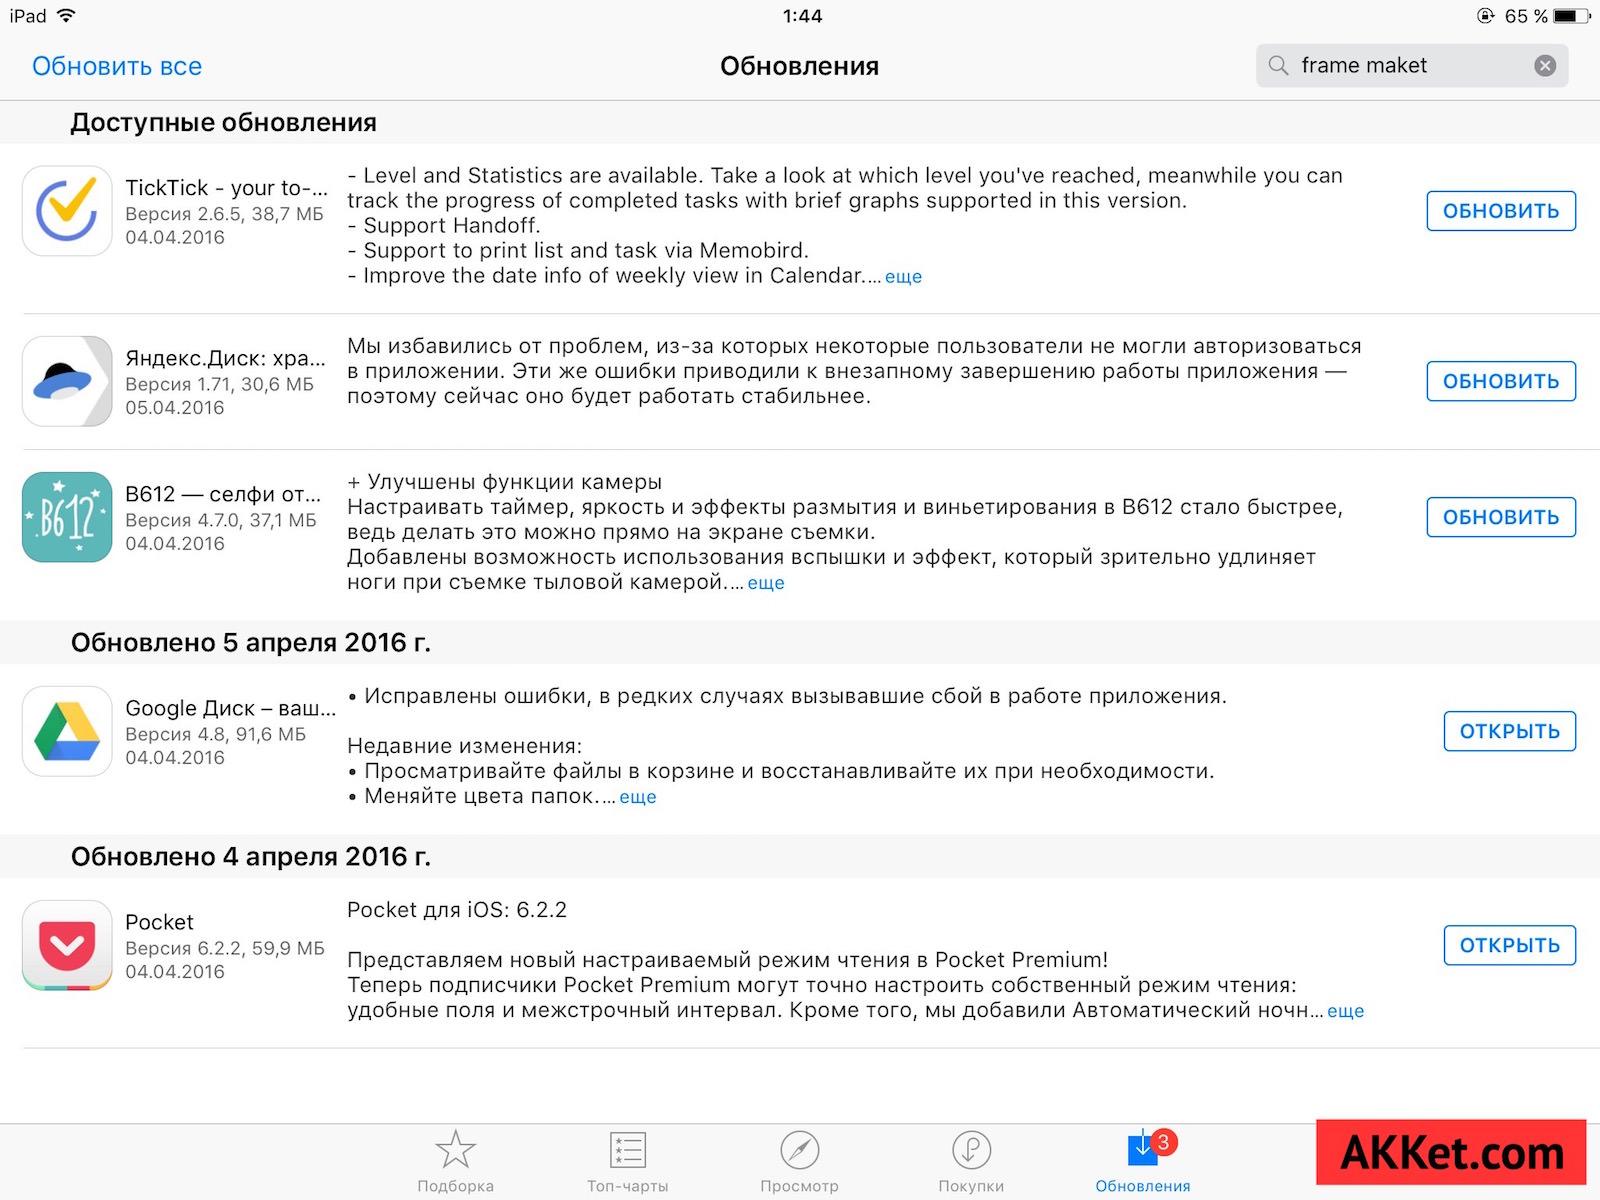 book Le développement IOS 7 : 60 recettes de pros 2014